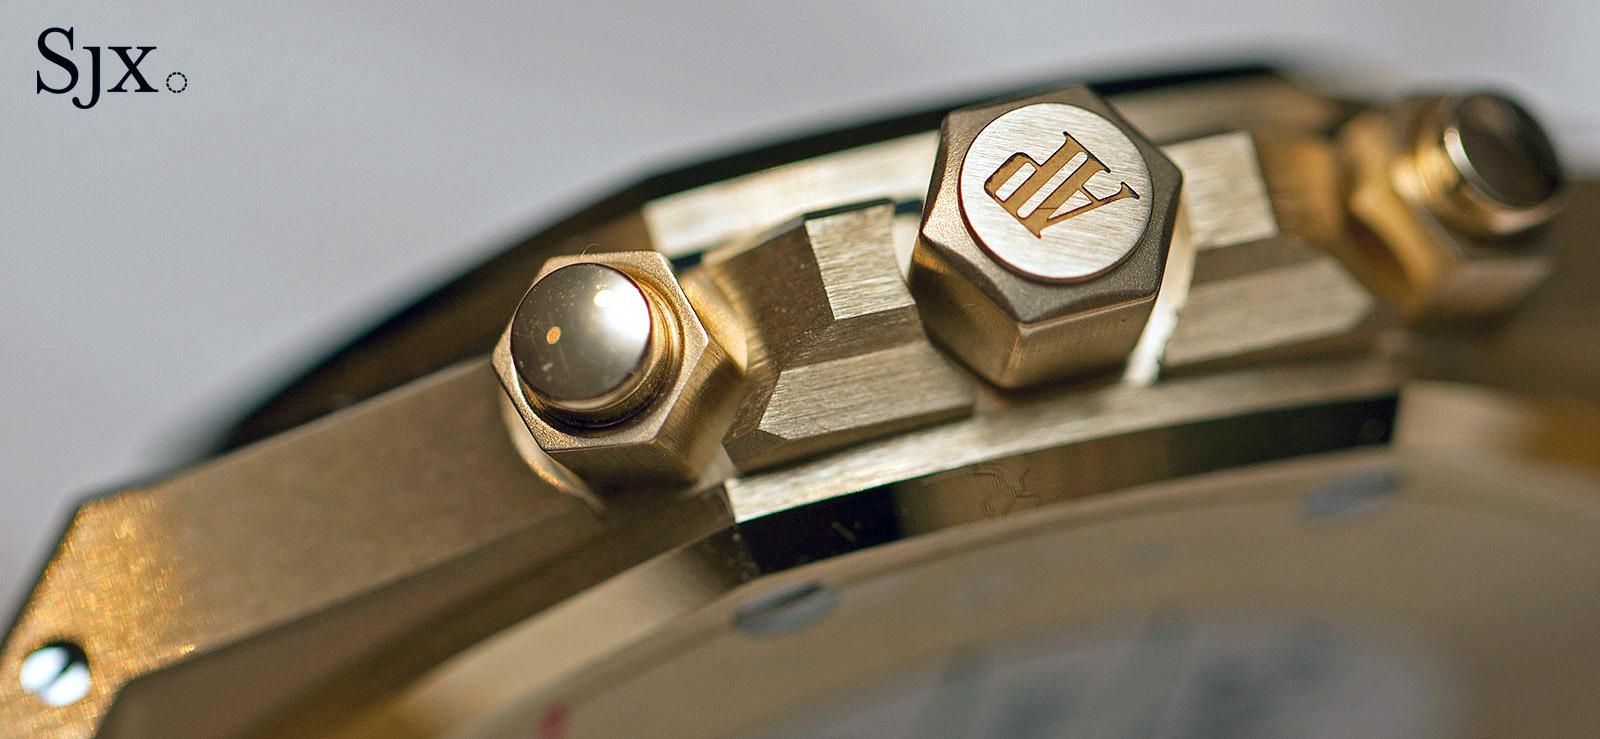 Audemars Piguet Royal Oak Chronograph 41 mm yellow gold 8